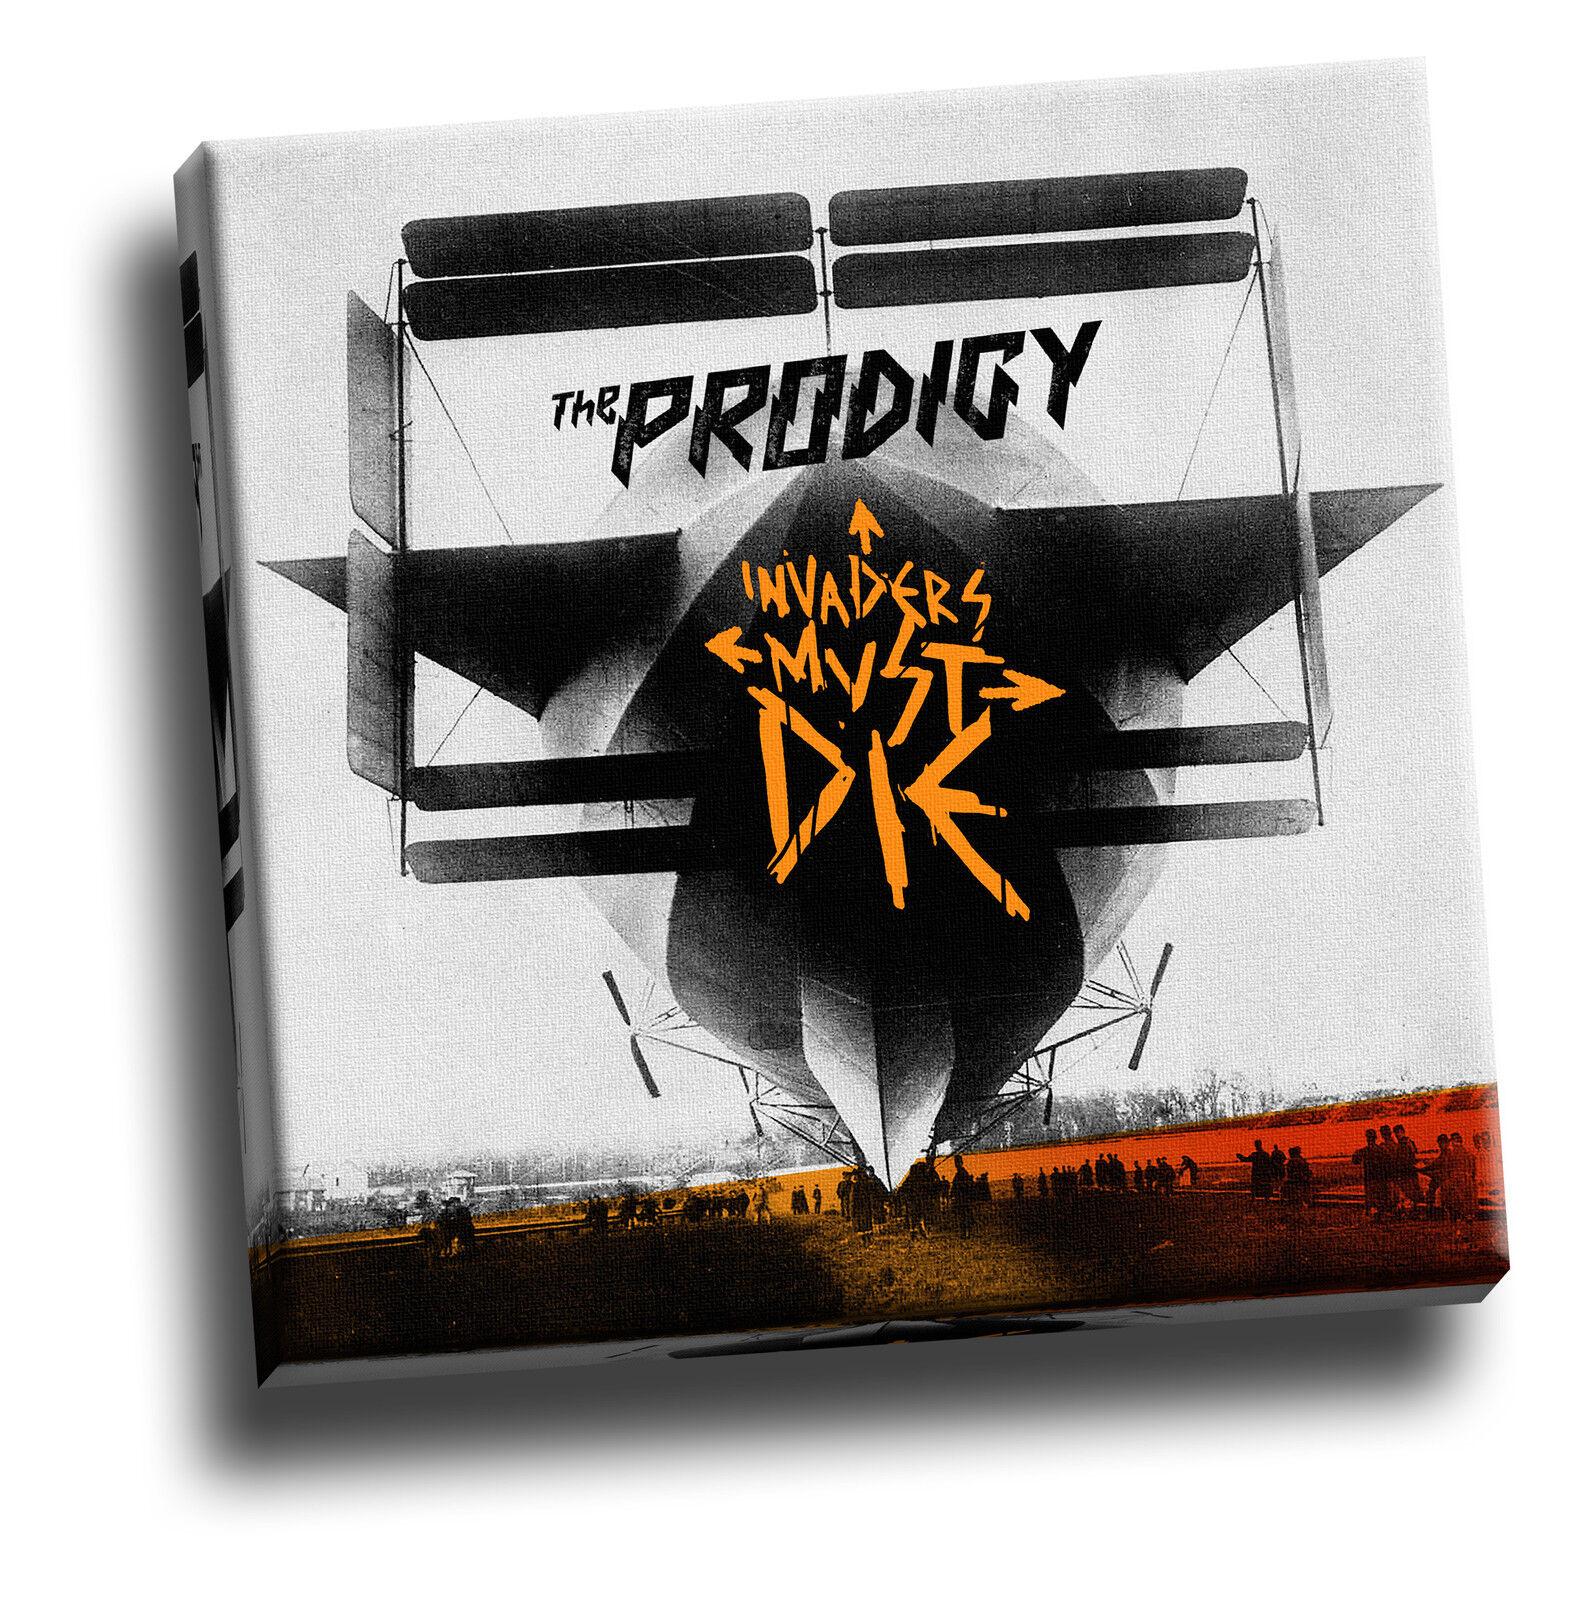 Il Prodigy-INVASORI dovranno ancora morire REGALO TELA copertina d'album QUADRO ARTE